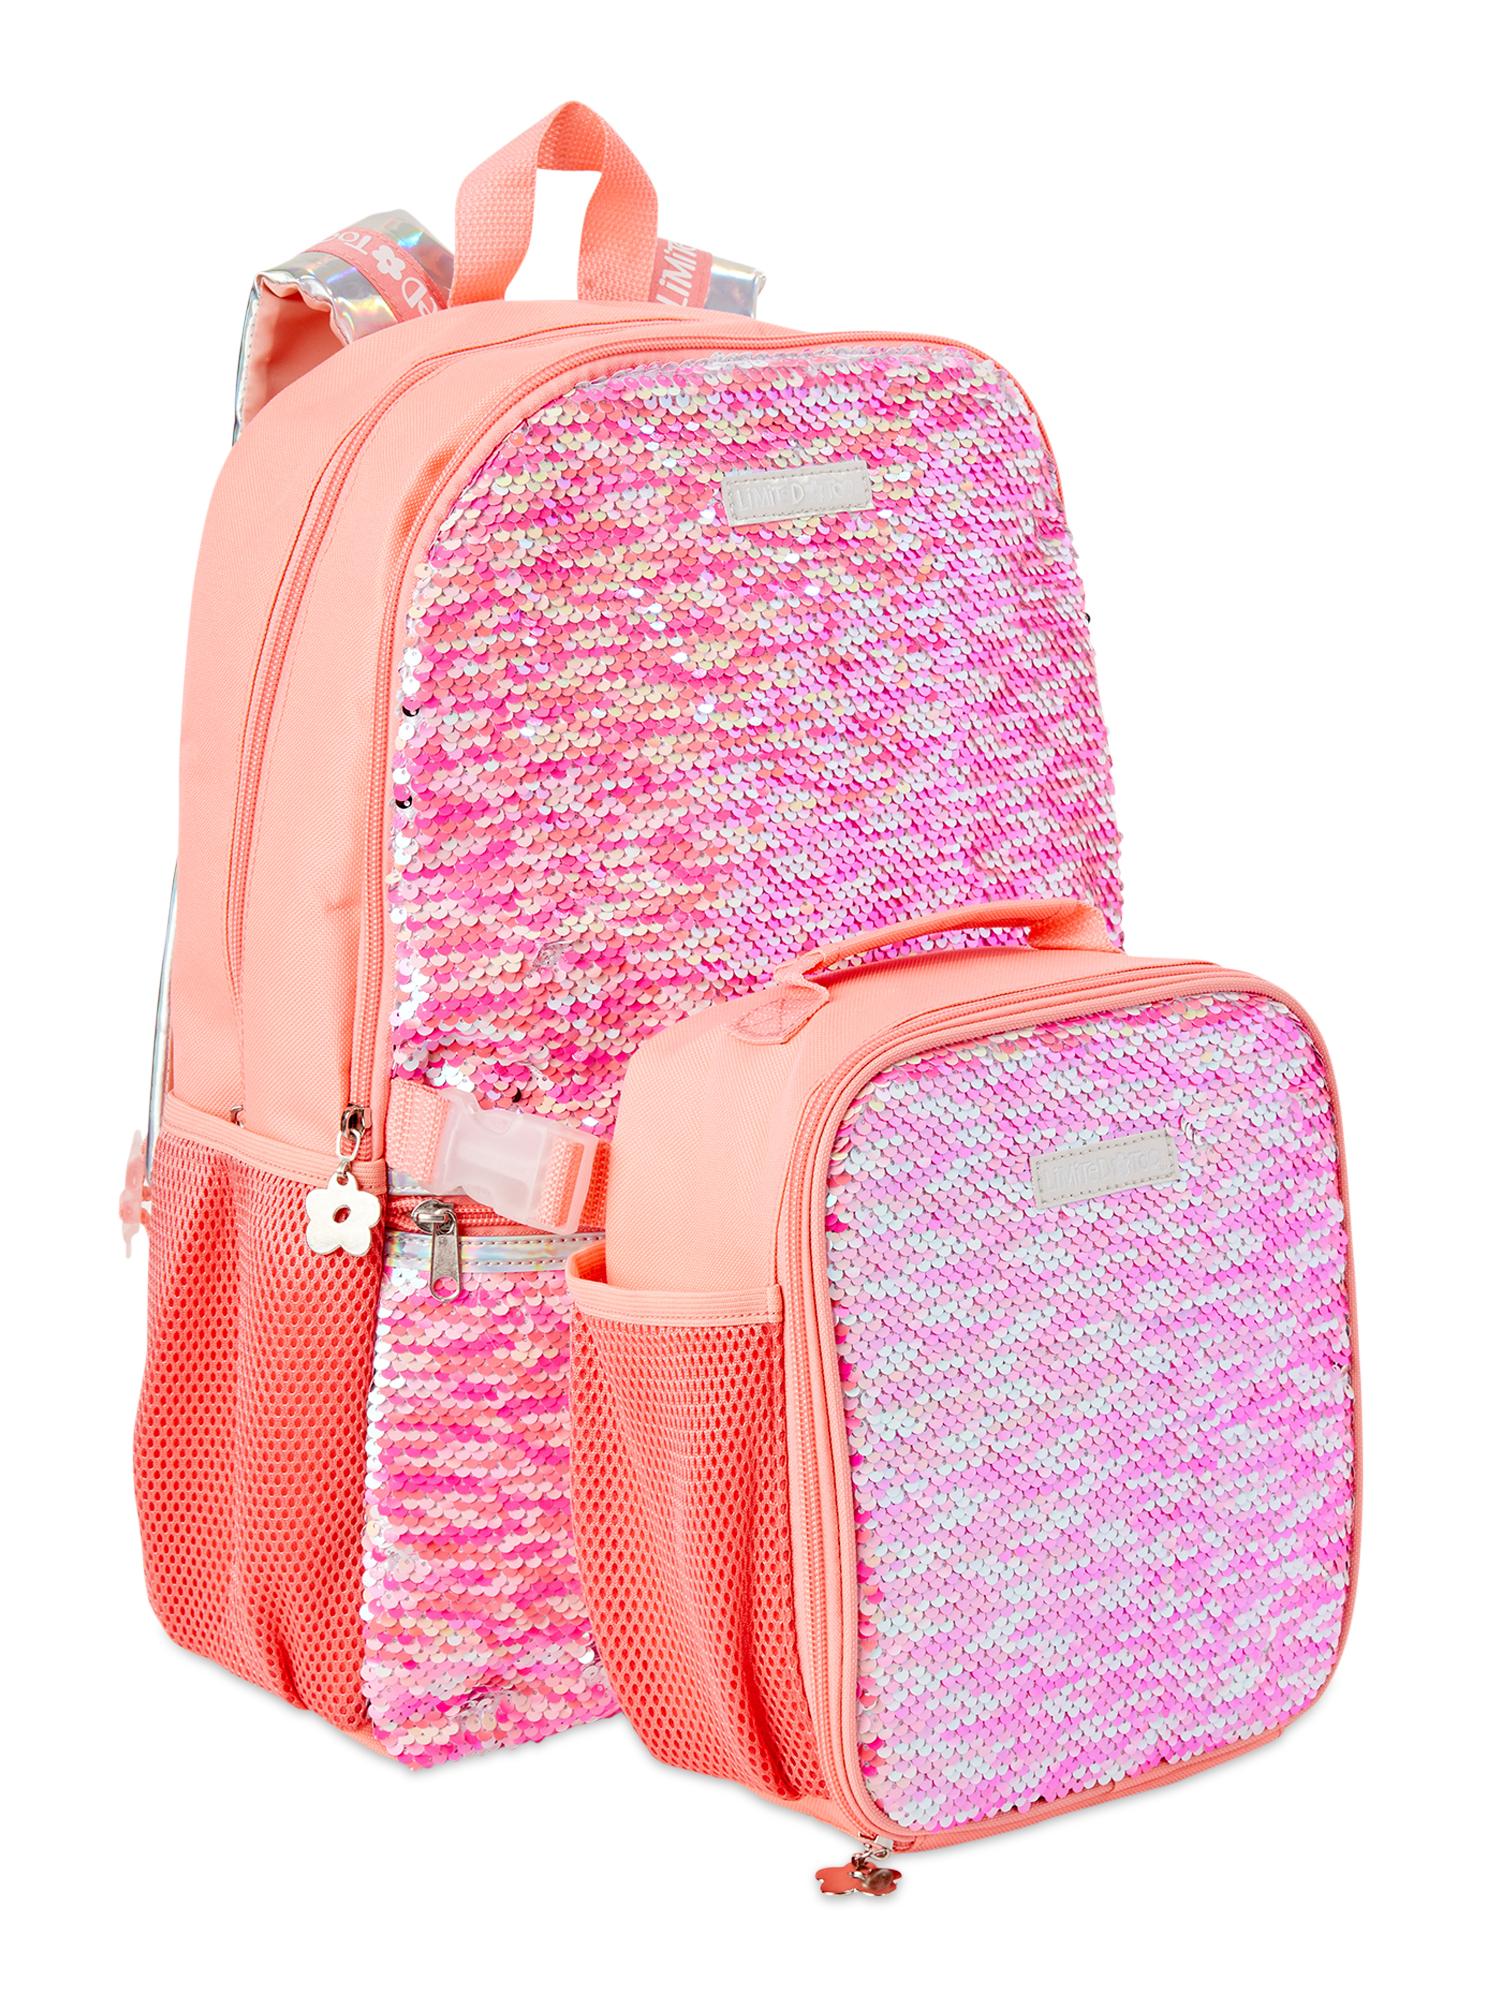 GymSack Drawstring Bag Sackpack Running Horse Drawing Sport Cinch Pack Simple Bundle Pocke Backpack For Men Women